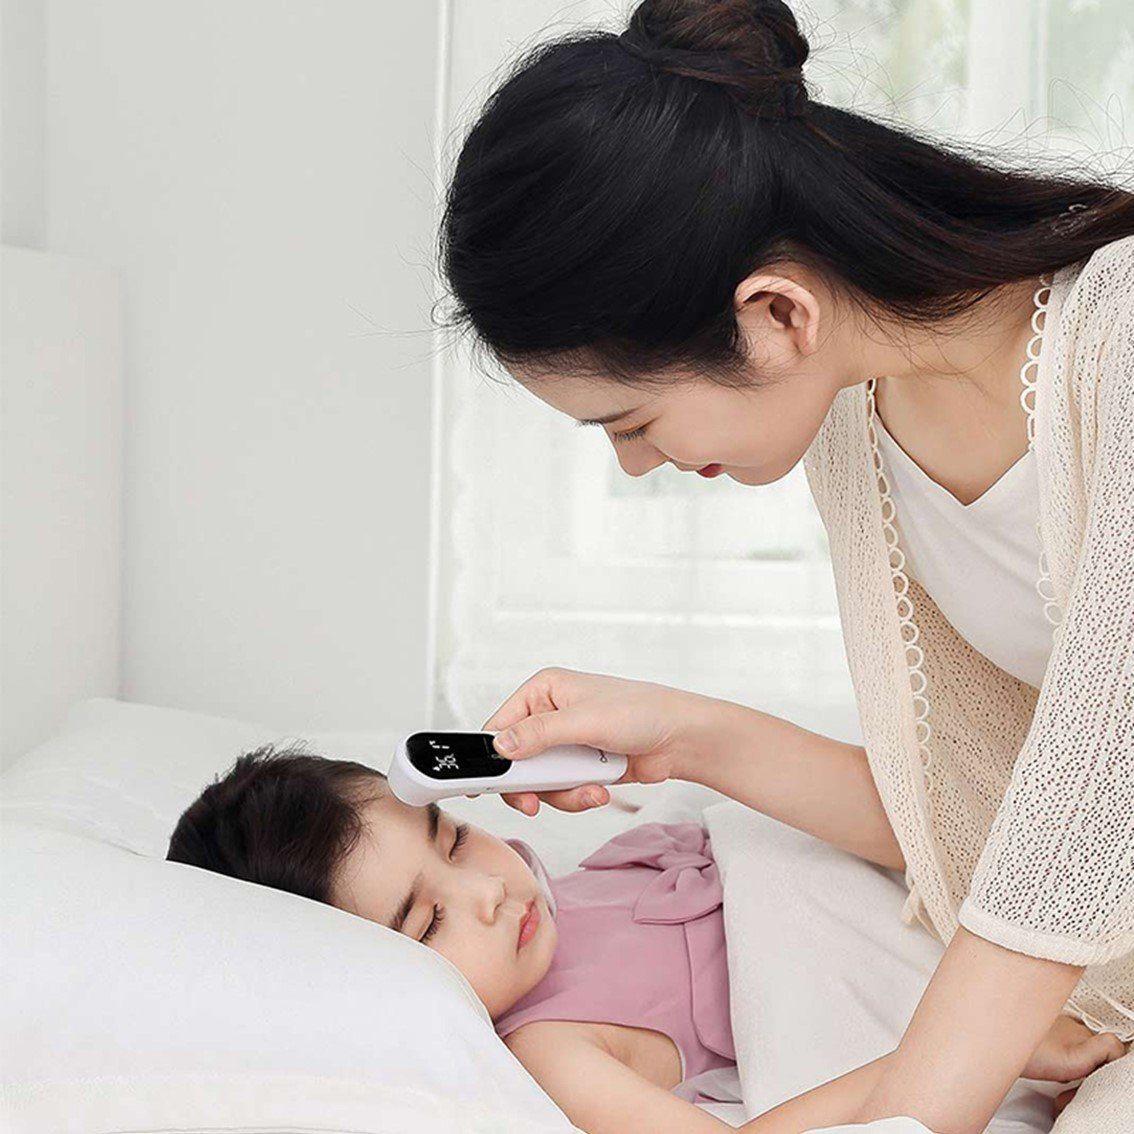 Бесконтактный инфракрасный термометр Xiaomi Berrcom JXB-305 широкое применение